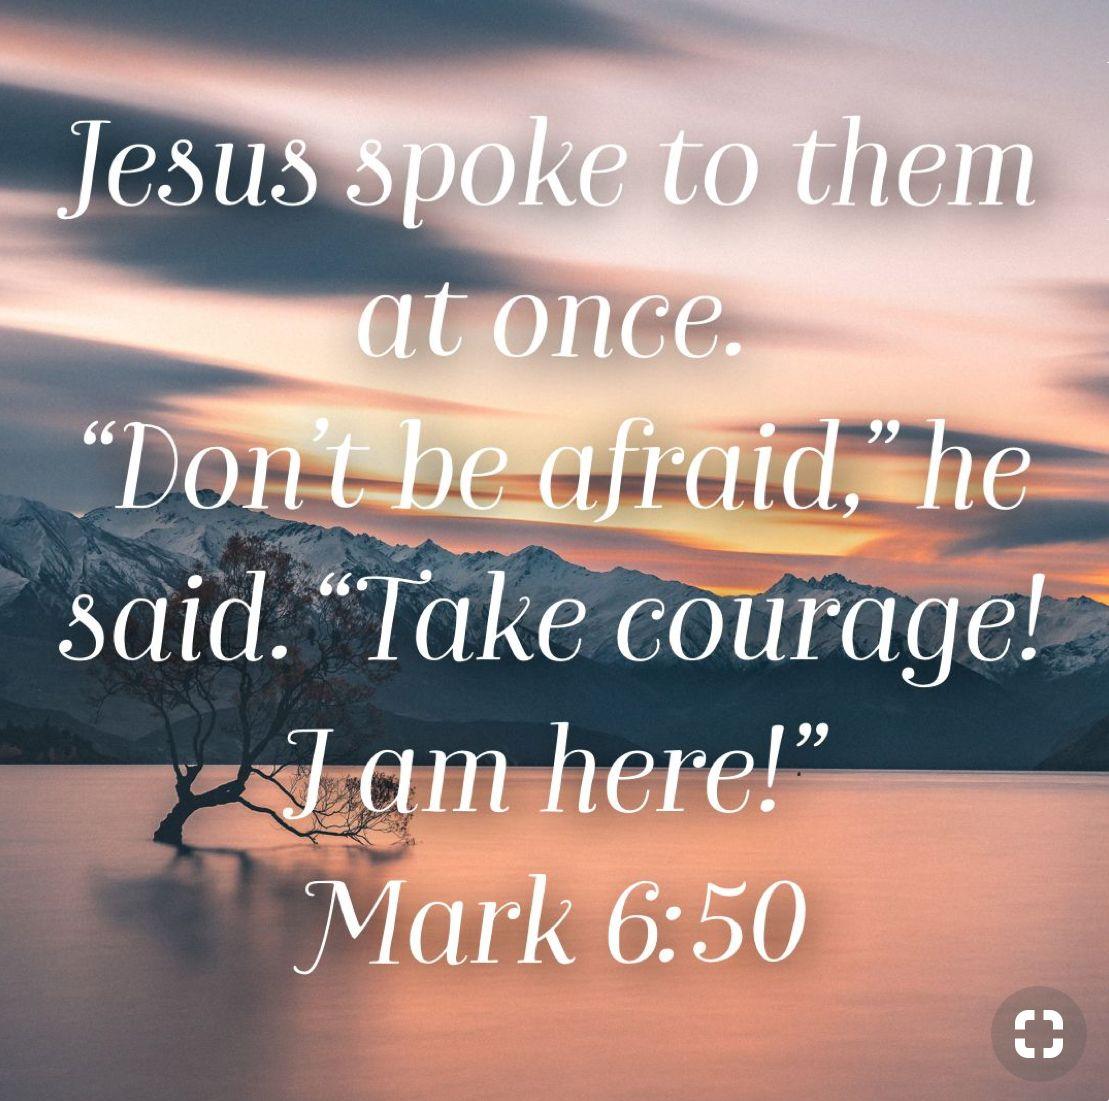 Mark 6:50 | Life/Faith | Bible scriptures, Faith quotes, Biblical quotes